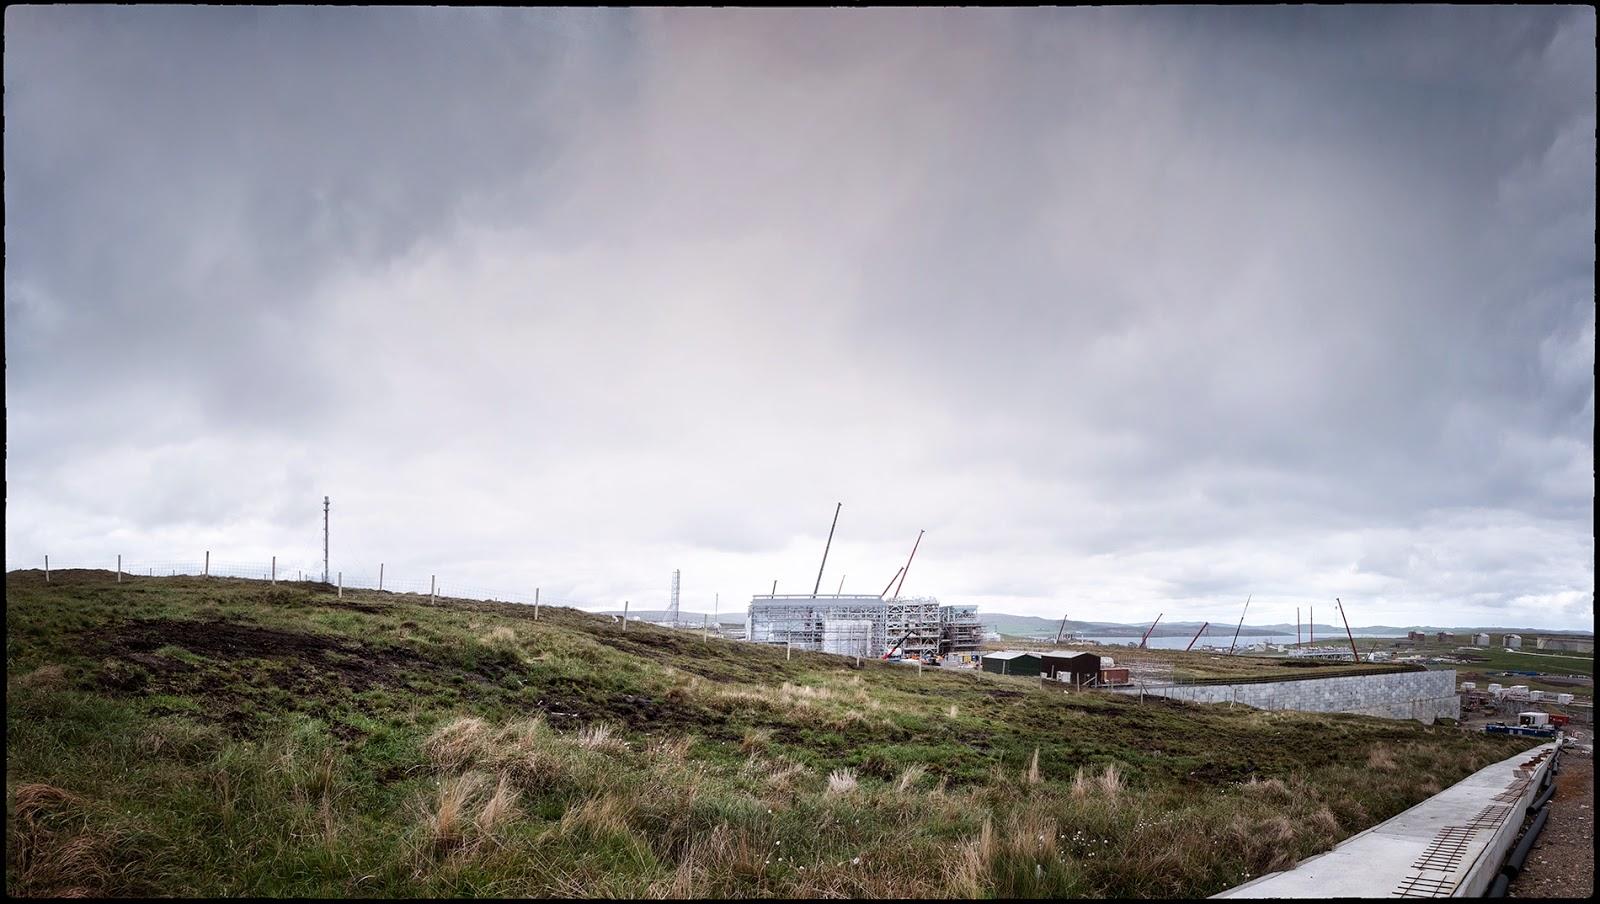 Shetland gas plant Sullom Voe BP Total Petrofac contractor laggan tormore